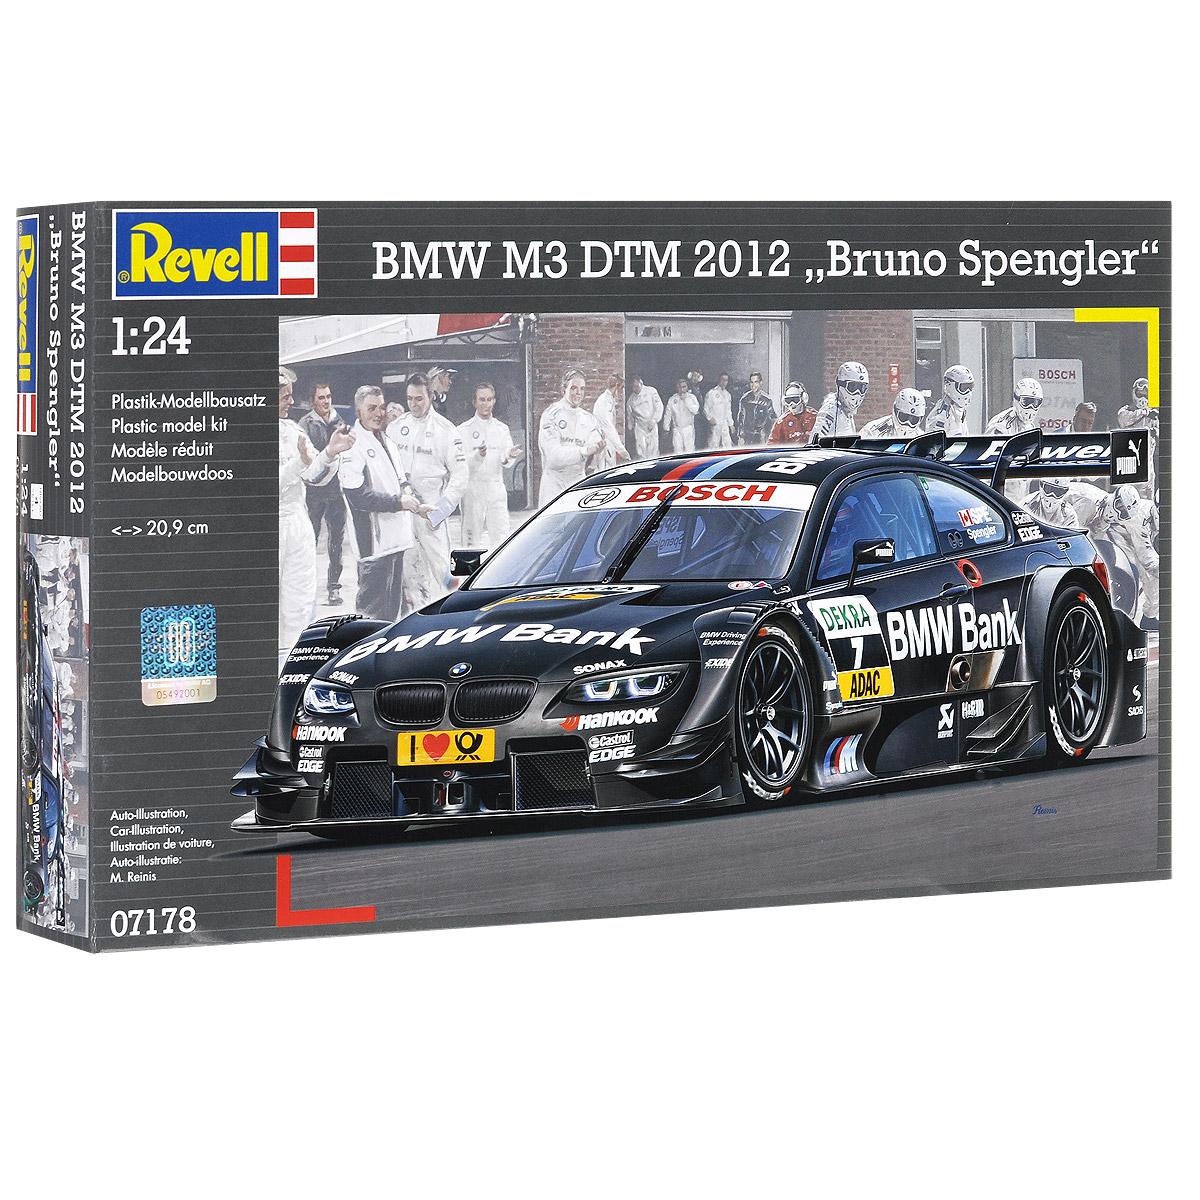 Сборная модель Revell Гоночный автомобиль BMW M3 DTM 2012 Bruno Spengler07178Сборная модель Revell Гоночный автомобиль BMW M3 DTM 2012 Bruno Spengler поможет вам и вашему ребенку придумать увлекательное занятие на долгое время. Набор включает в себя 131 пластиковый элемент, из которых можно собрать достоверную уменьшенную копию одноименного автомобиля. BMW M3 - высокотехнологичная спортивная версия компактных автомобилей BMW 3 серии от BMW M GmbH. Модели M3 сделаны на базе E30, E36, E46 и E90/E92/E93 3-ей серии. Основные отличия от стандартных автомобилей 3 серии включают более мощный двигатель, улучшенная подвеска, более агрессивный и аэродинамичный кузов, множественные акценты как в интерьере так и в экстерьере на принадлежность к линейке M/Motorsport. Также в наборе схематичная инструкция по сборке. Процесс сборки развивает интеллектуальные и инструментальные способности, воображение и конструктивное мышление, а также прививает практические навыки работы со схемами и чертежами. Уровень сложности: 4. ...